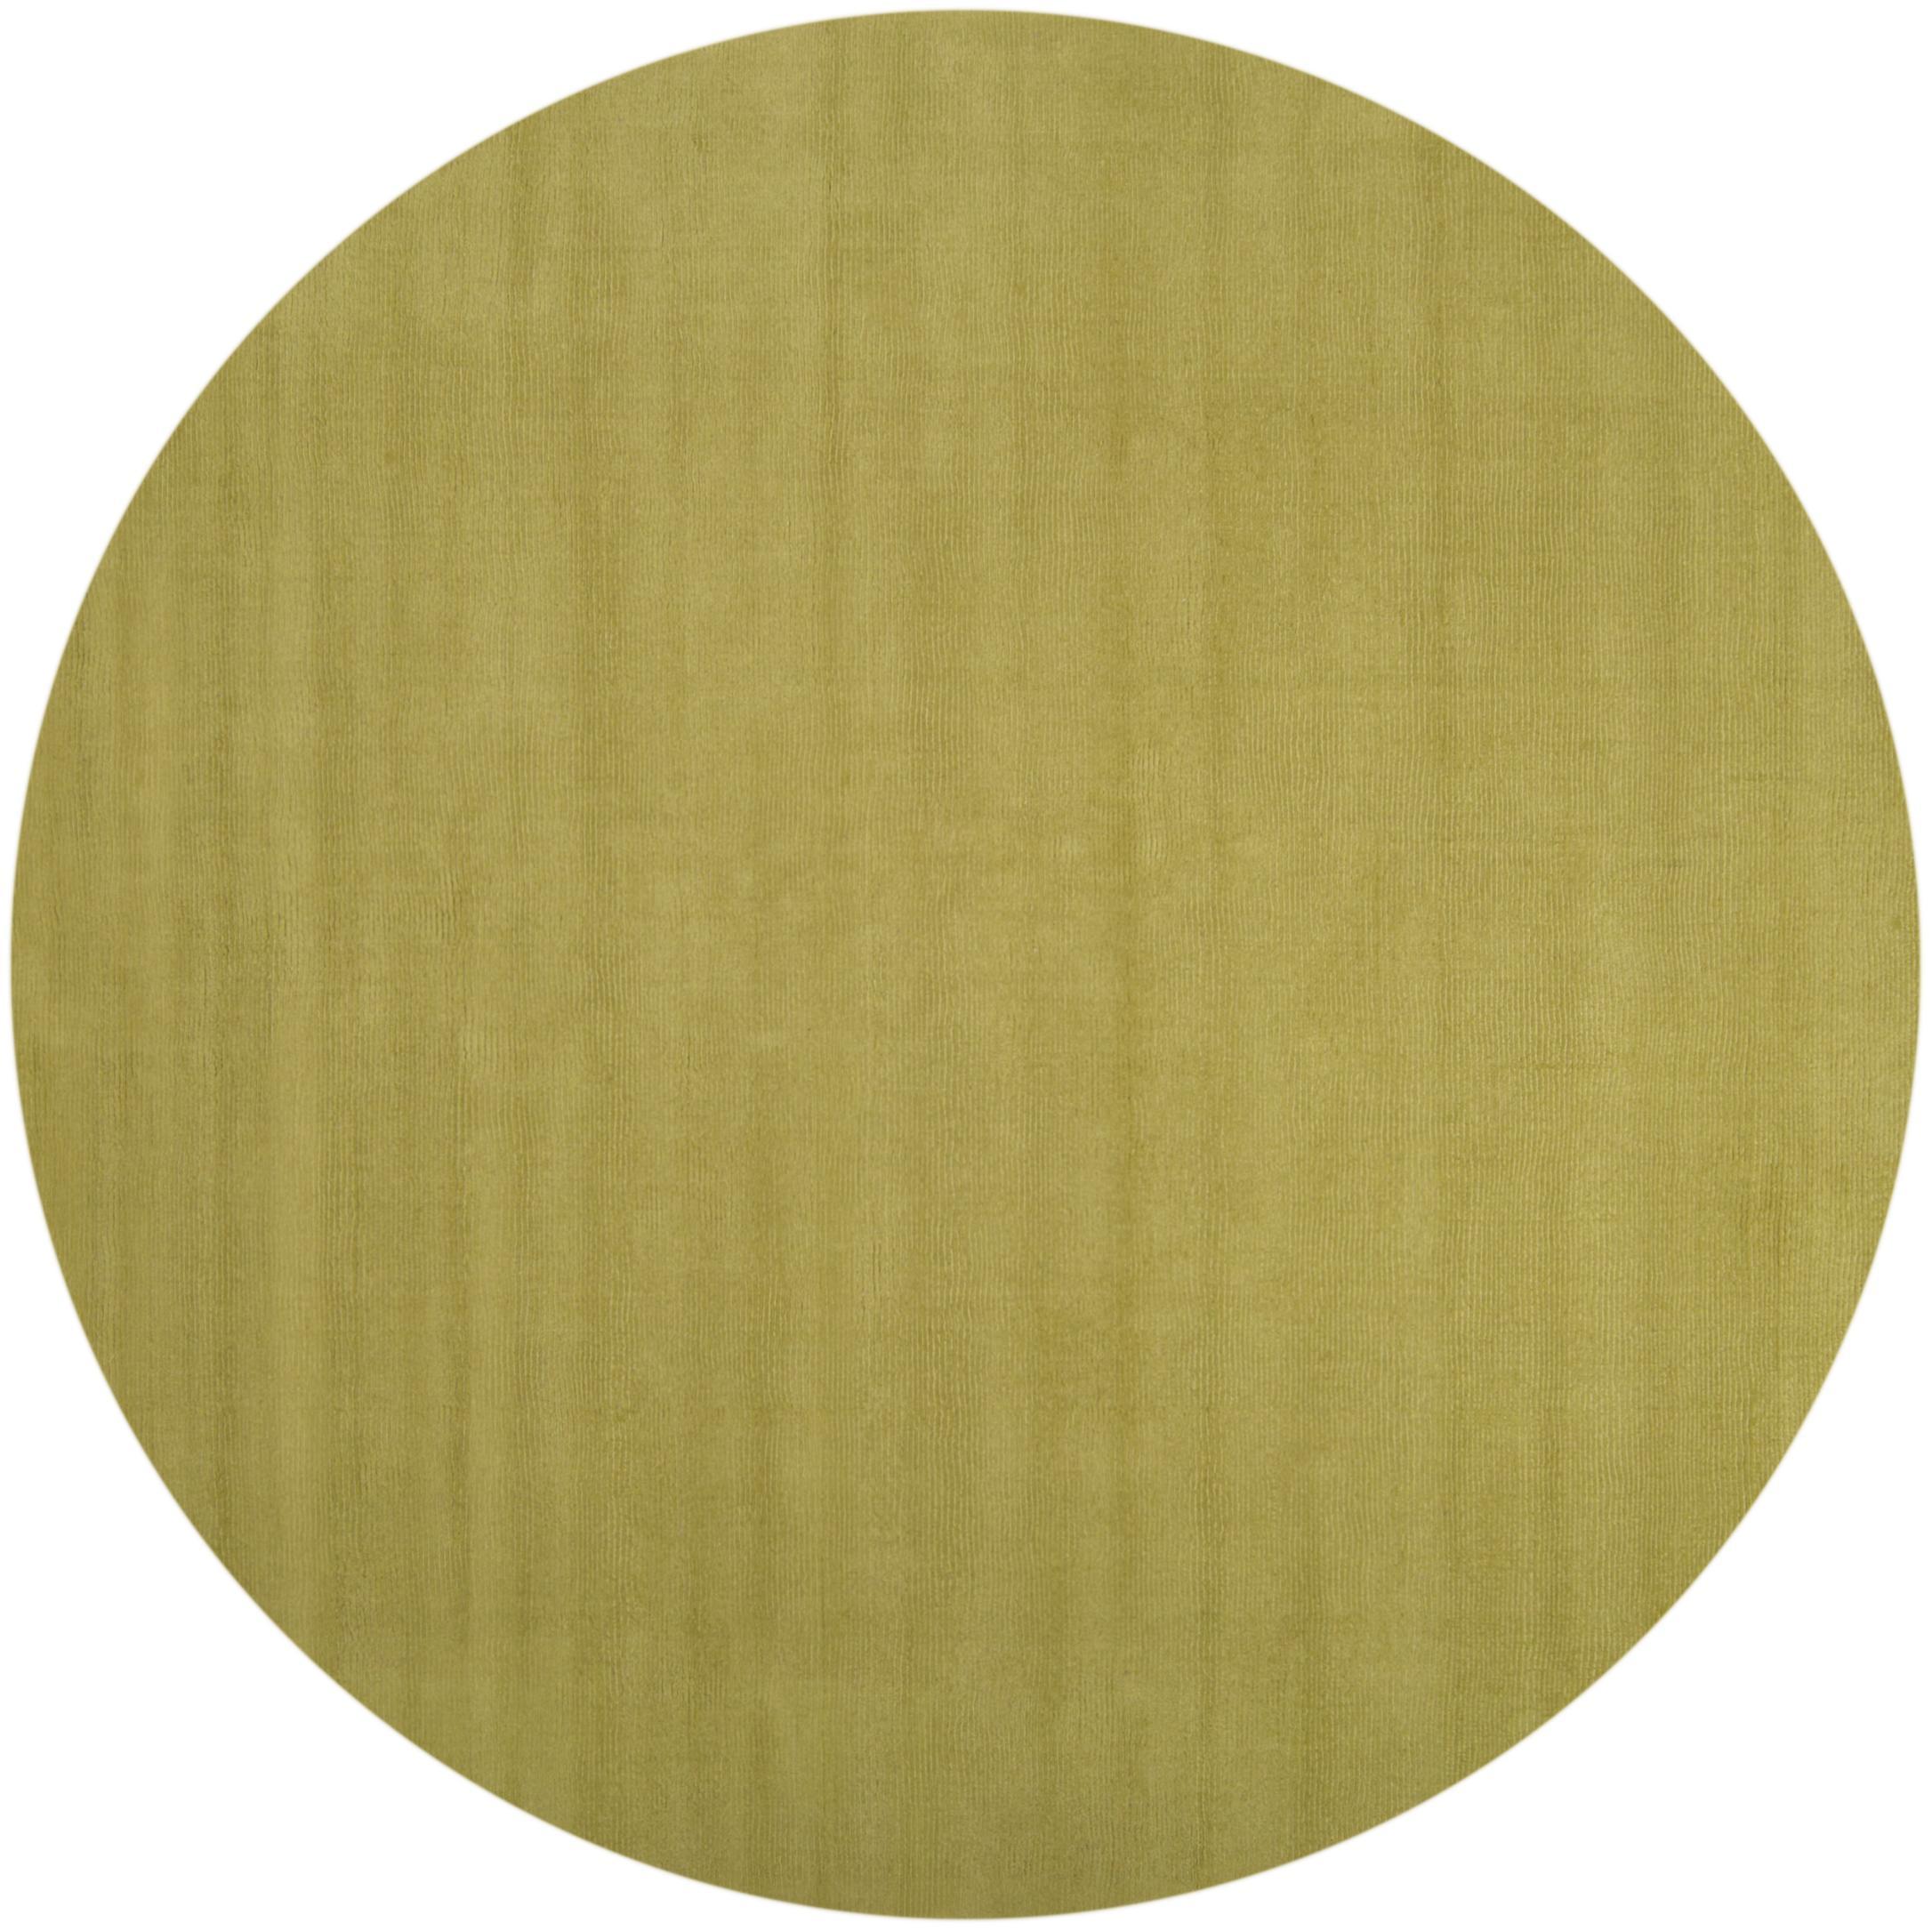 Surya Mystique 6' Round - Item Number: M337-6RD